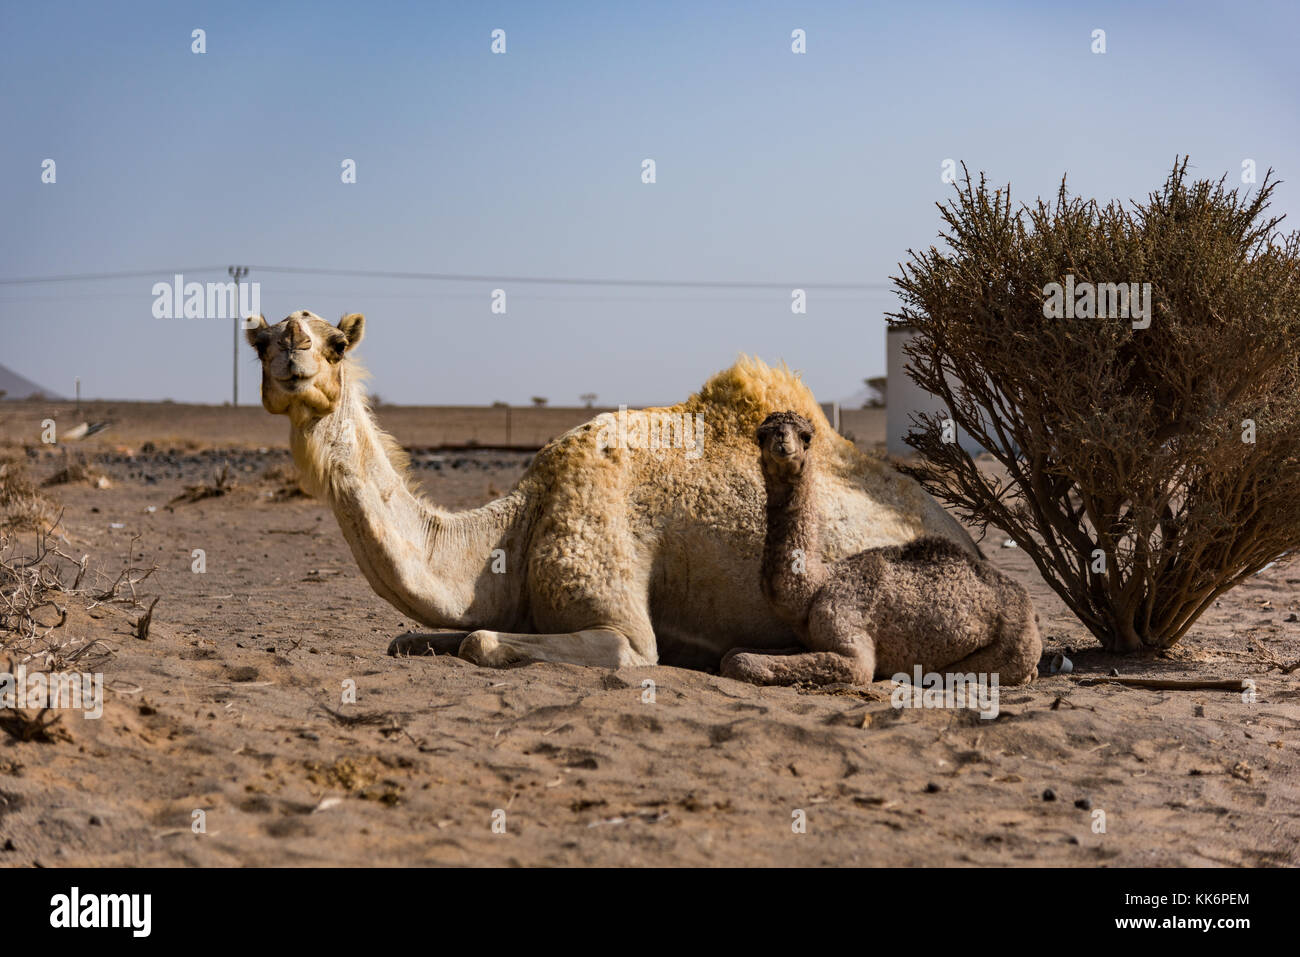 Madre del cammello e della prole in un allevamento di cammelli nel deserto a nord-est di Jeddah, Arabia Saudita. Immagini Stock